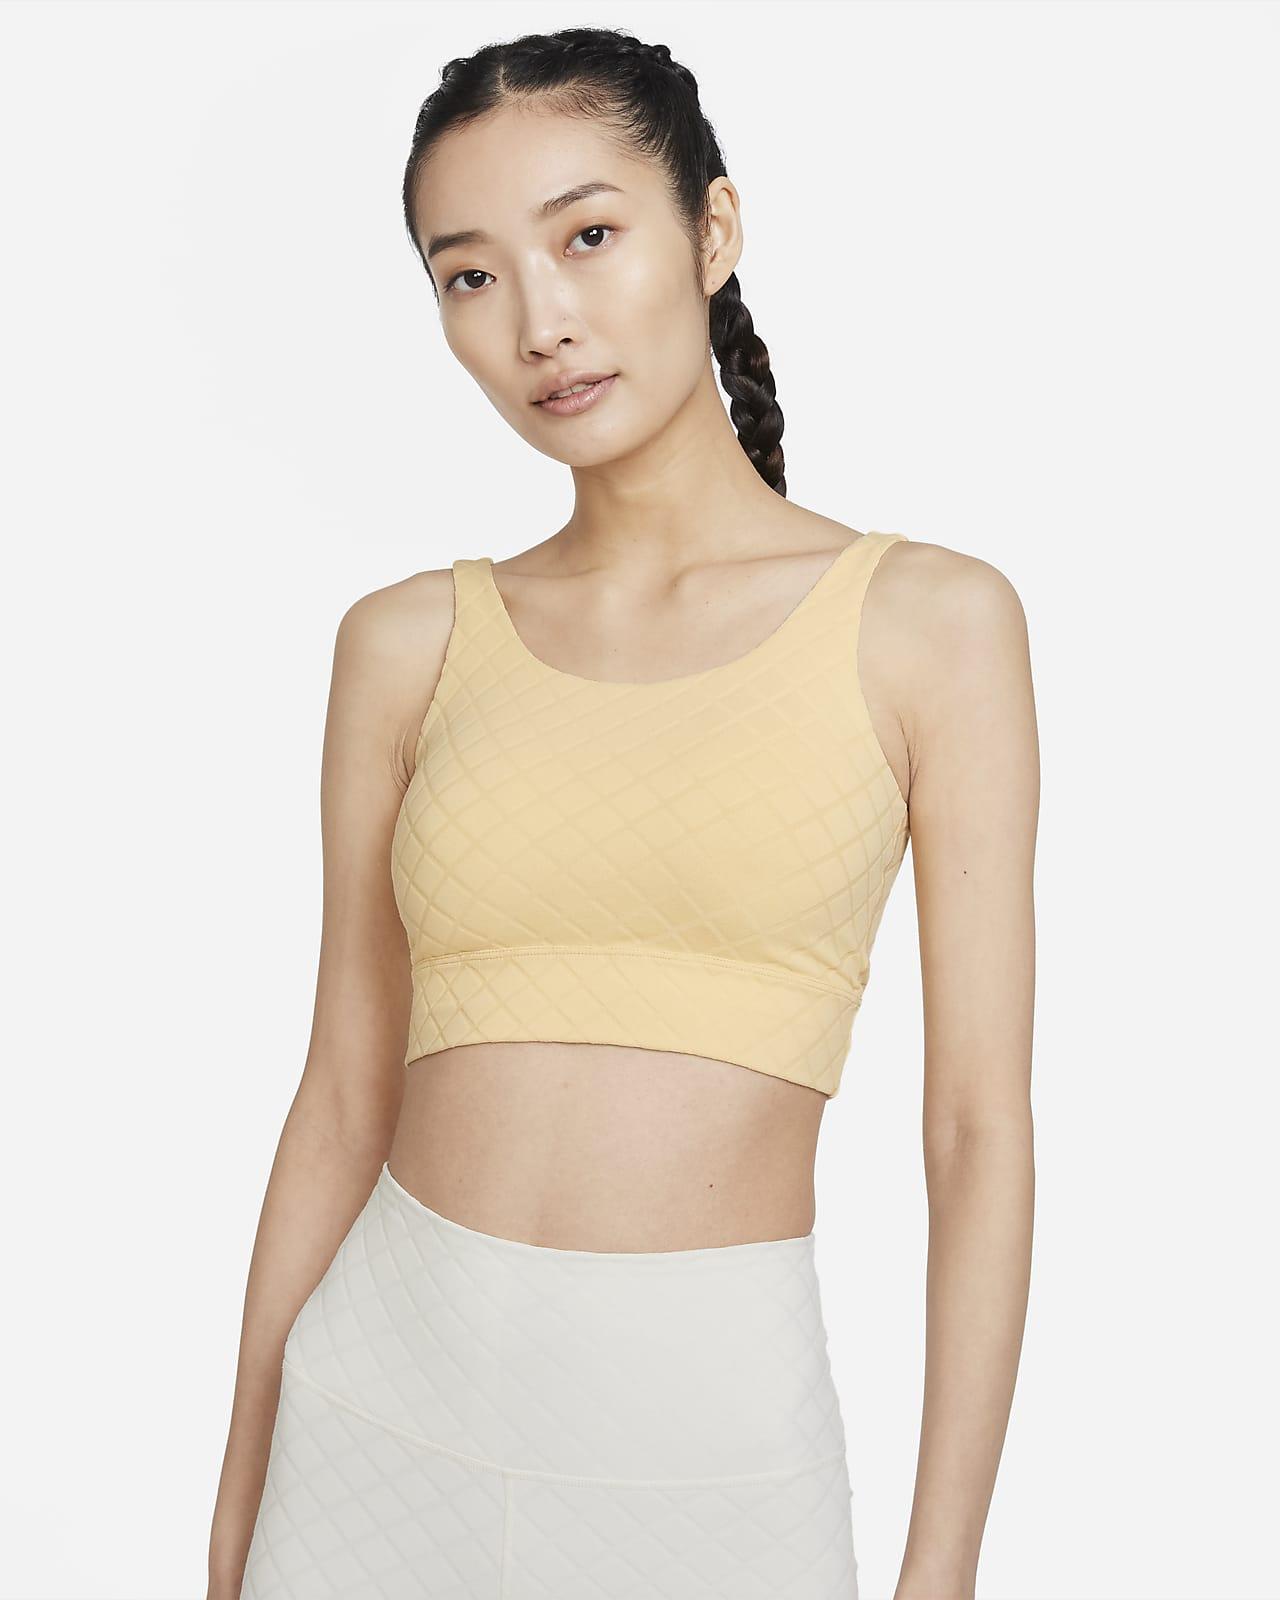 เสื้อกล้ามเอวลอยผ้า Jacquard ผู้หญิง Nike Yoga Luxe